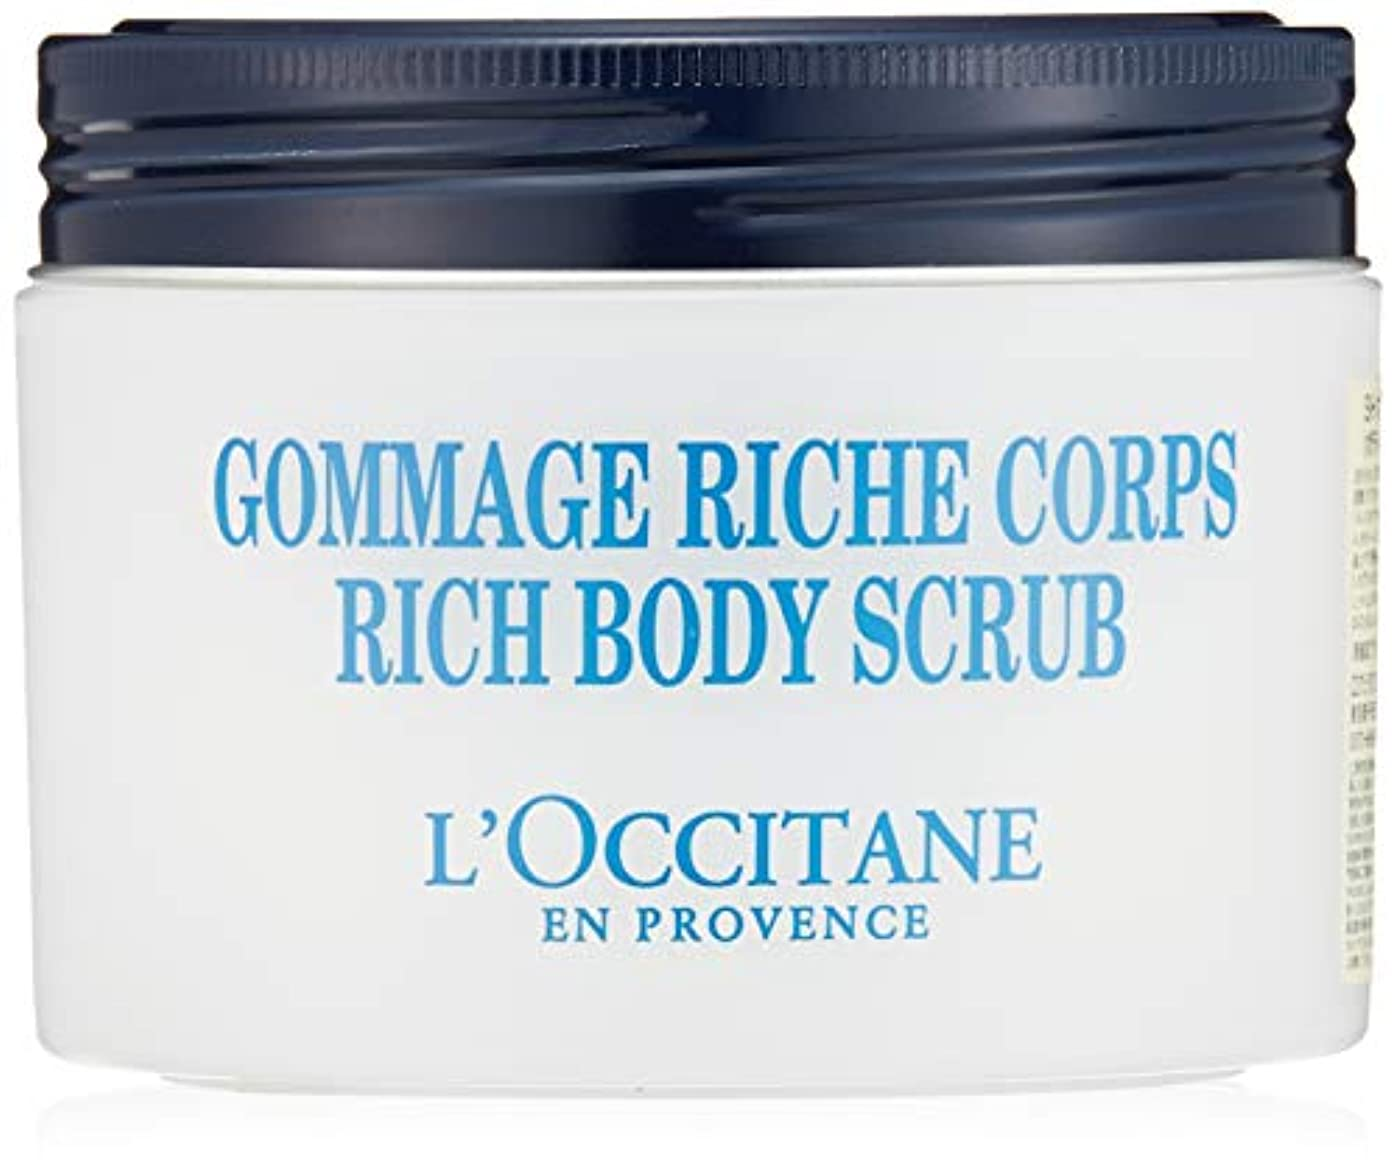 バナー不機嫌そうな鎮痛剤ロクシタン(L'OCCITANE) シア リッチボディスクラブ 200ml